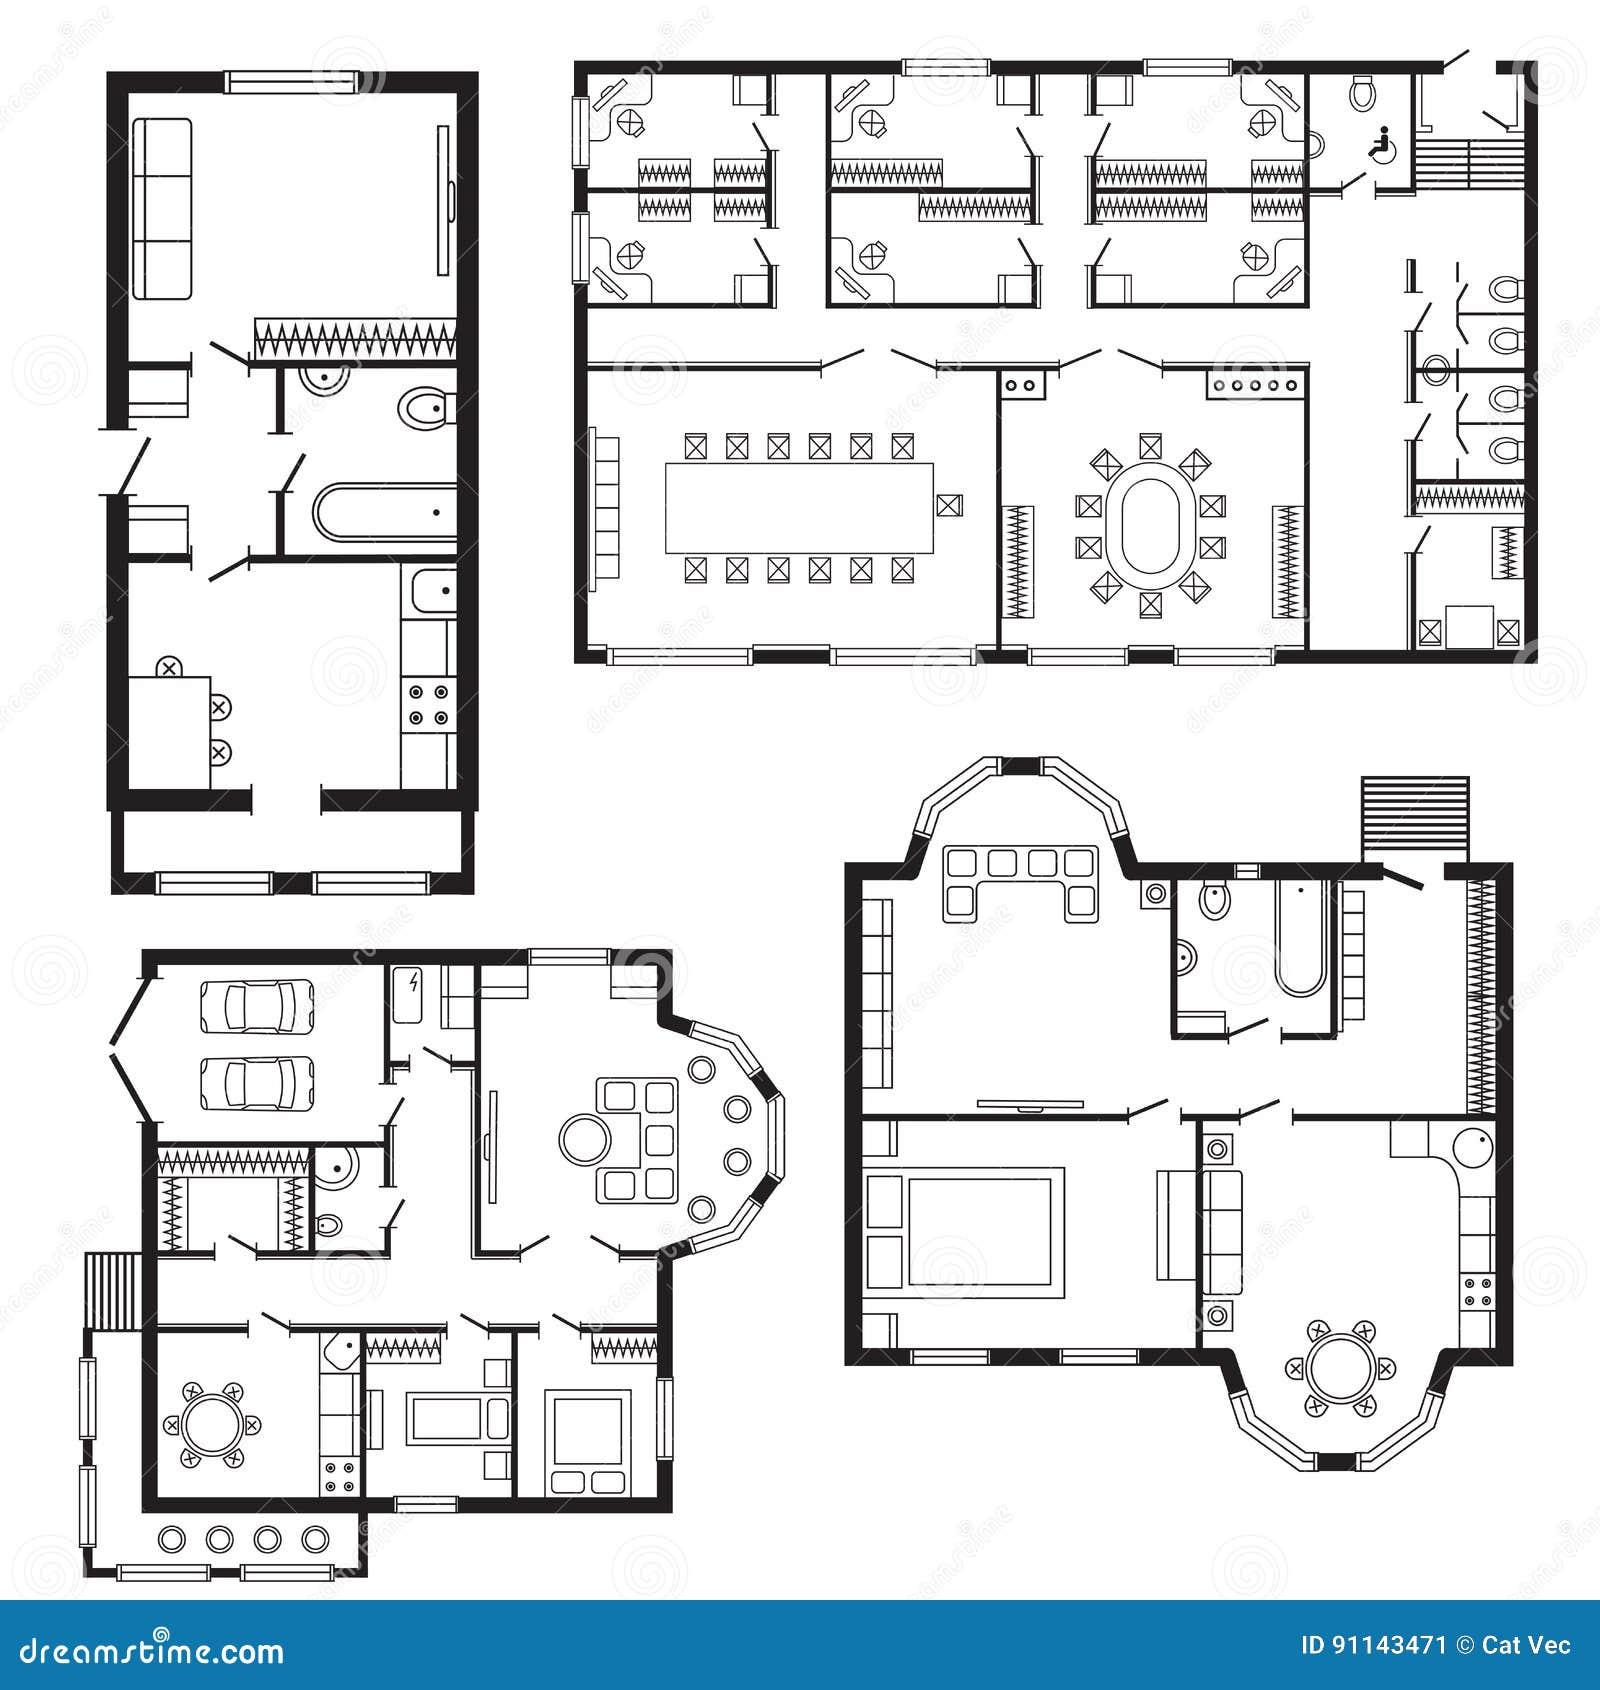 Home Design Engineer: Los Muebles Del Plan Arquitectónico De La Oficina Y El